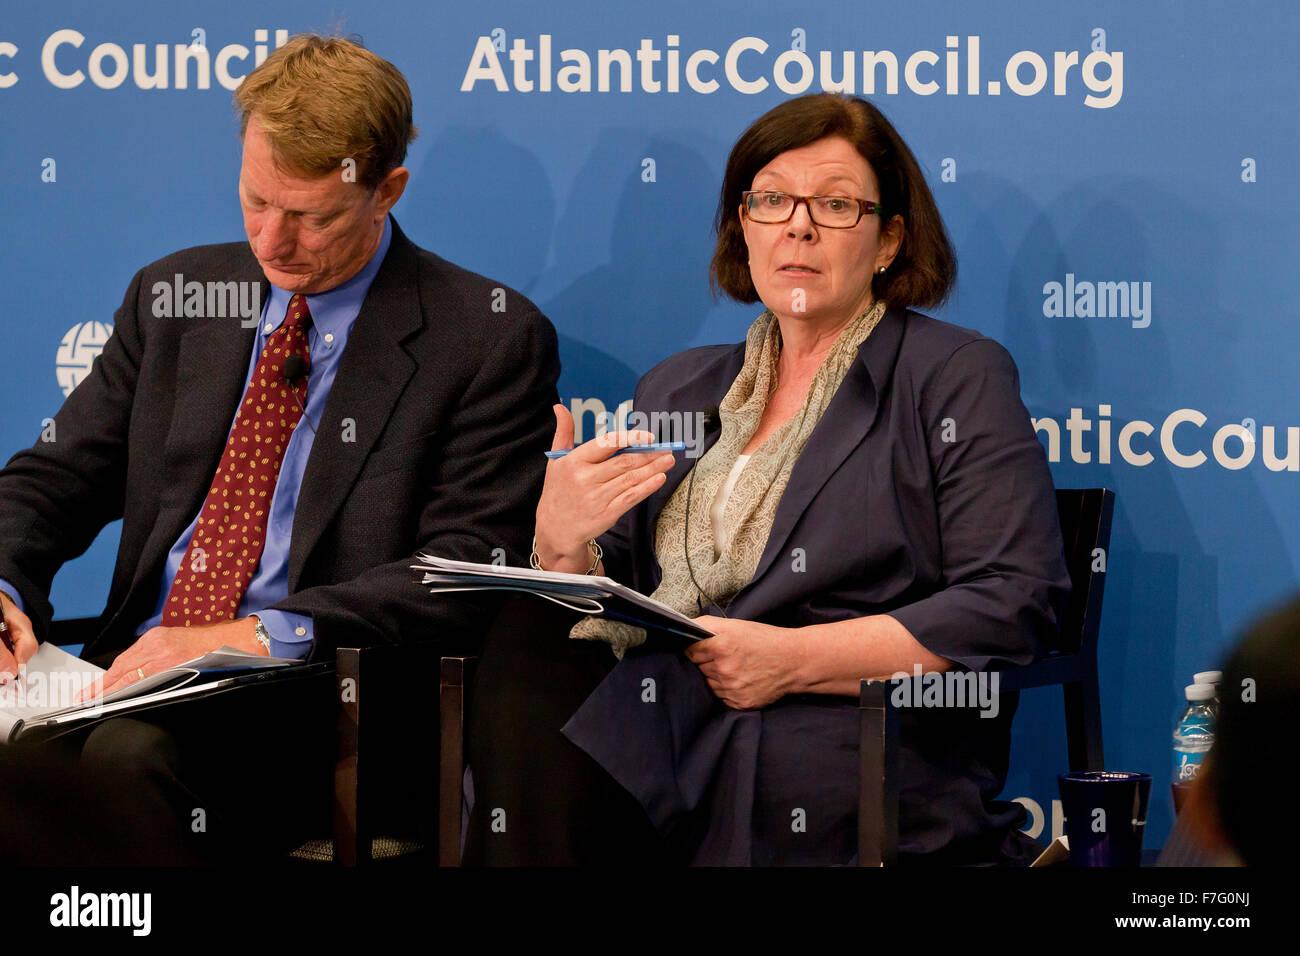 Sheila Smith, Senior Fellow per il Giappone studi, consiglio per le relazioni estere, parlando al Consiglio Atlantico Immagini Stock